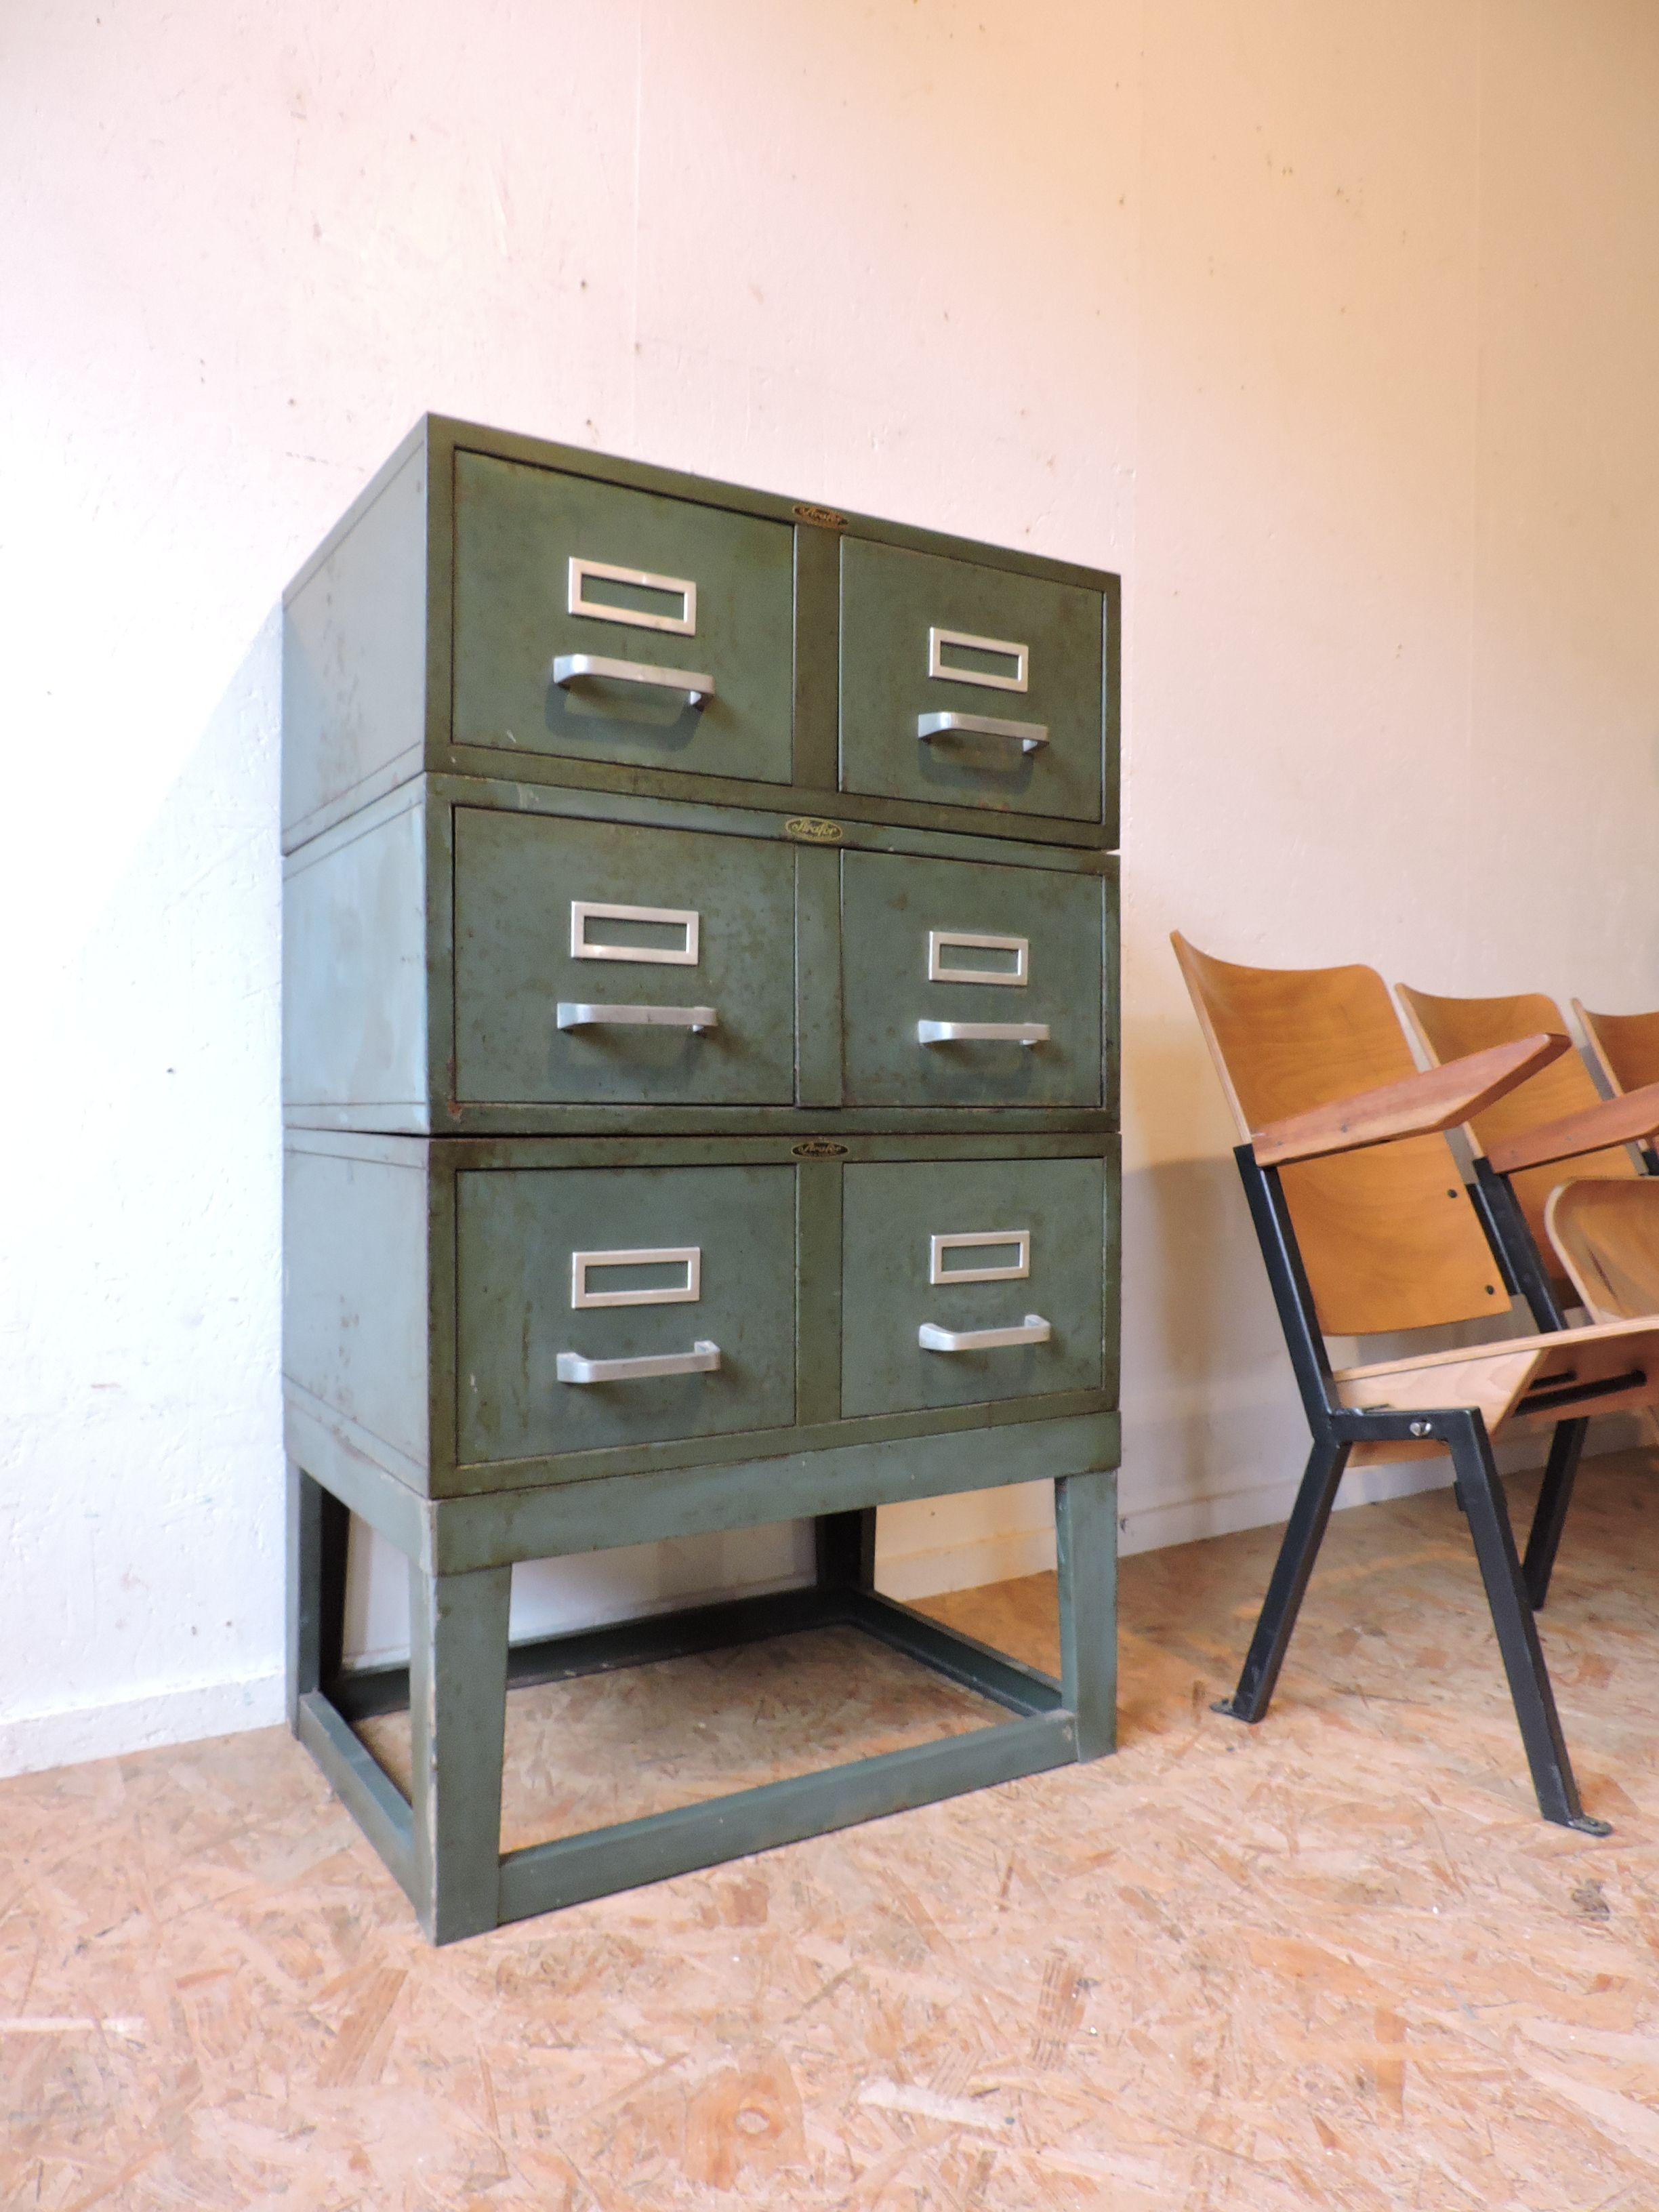 Meuble Industriel Strafor Annees 60 70 Decoration Vintage Meubles Industriels Vintage